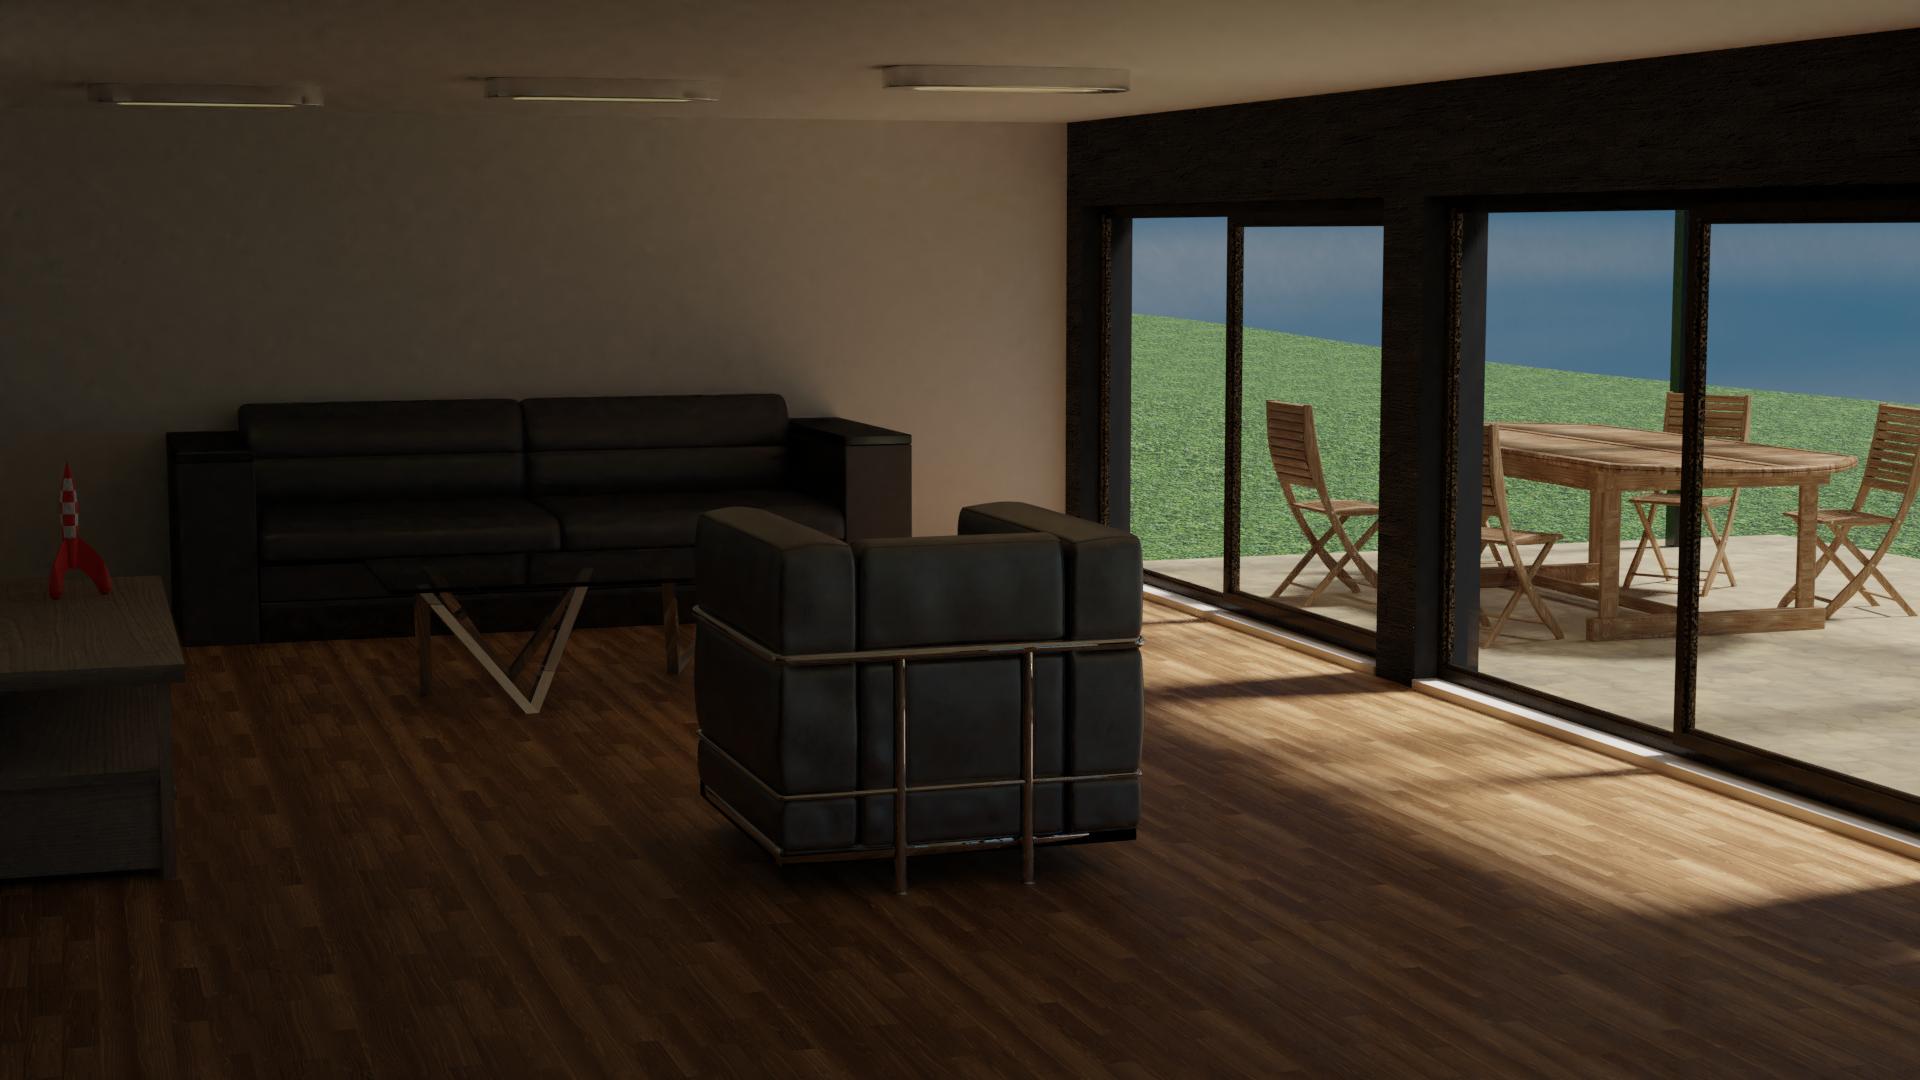 Intérieur effet de pergola bioclimatique, animation 3D de présentation